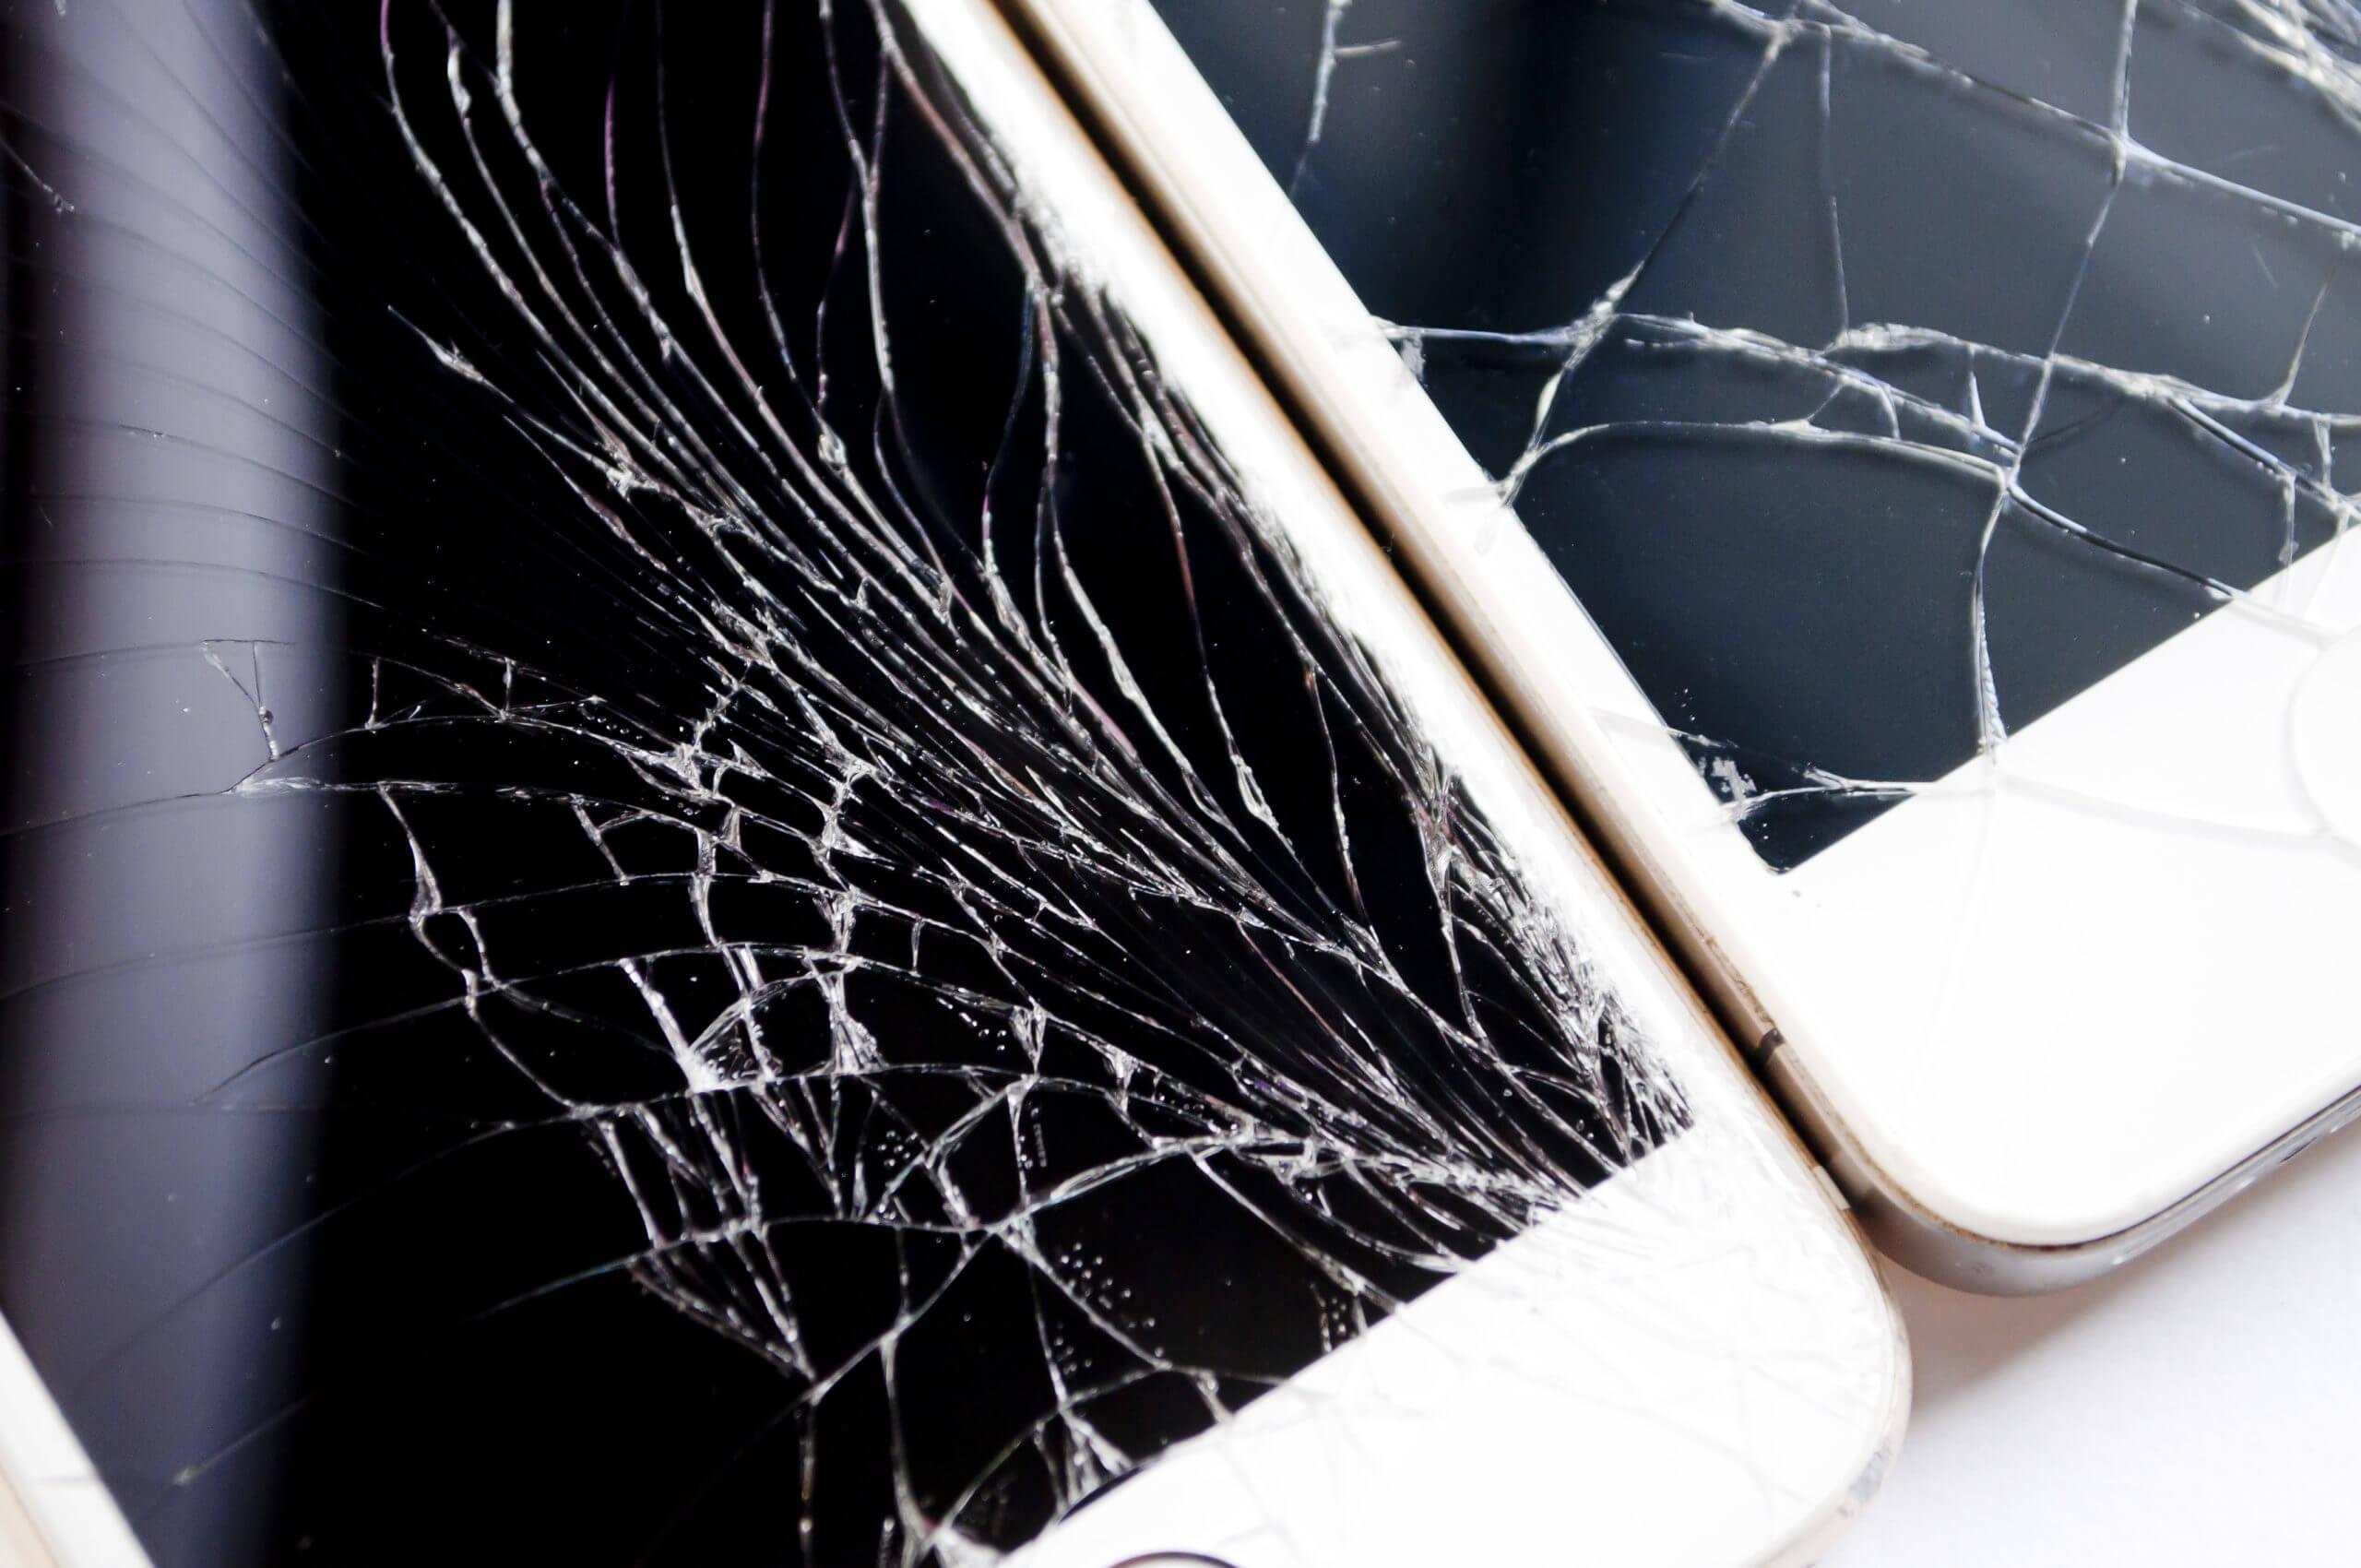 iPhoneからアンドロイド